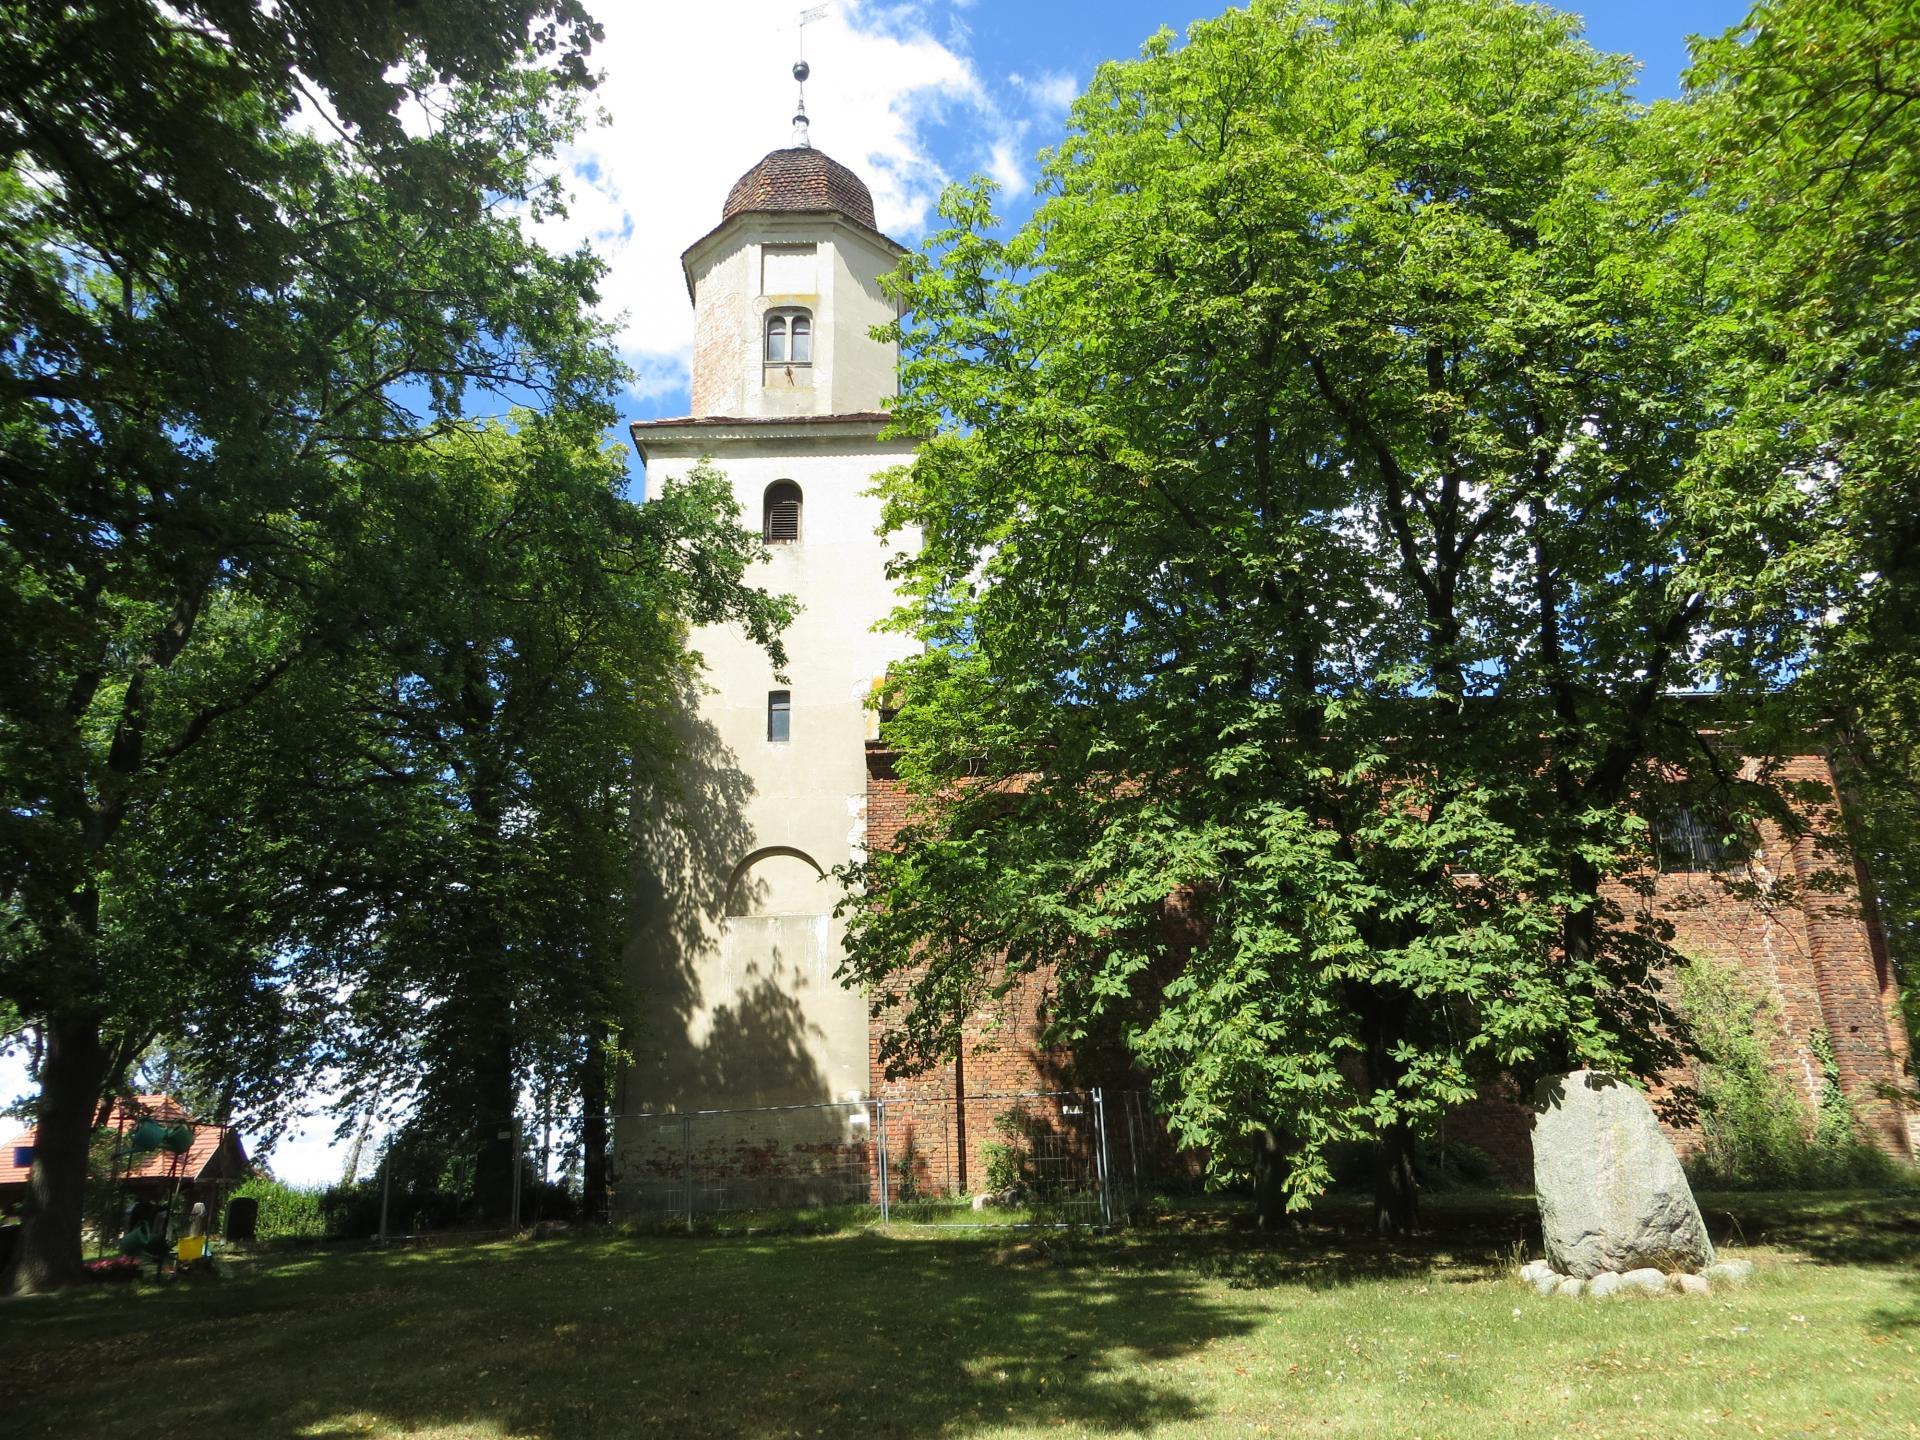 Kirche Hohenjesar Foto: Info Punkt Lebus